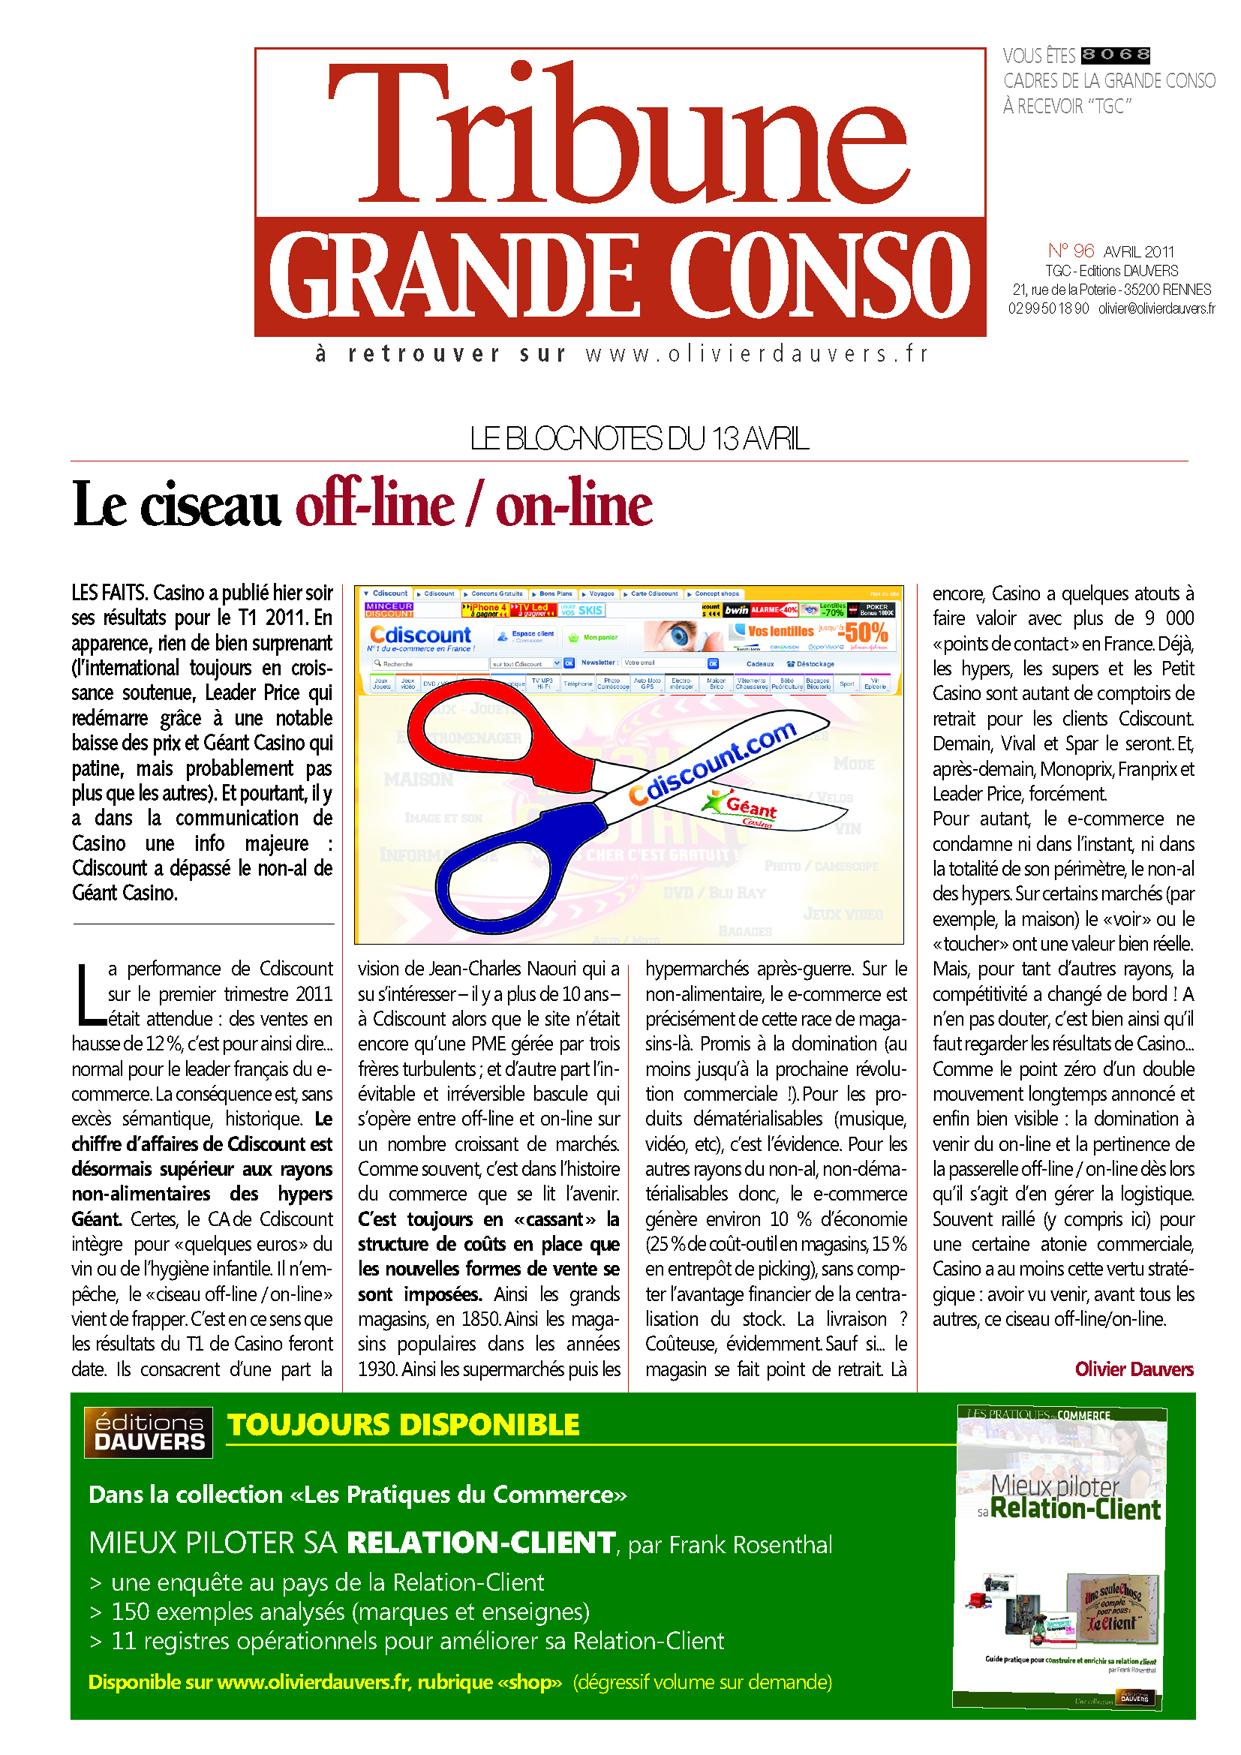 Le ciseau off-line / on-line